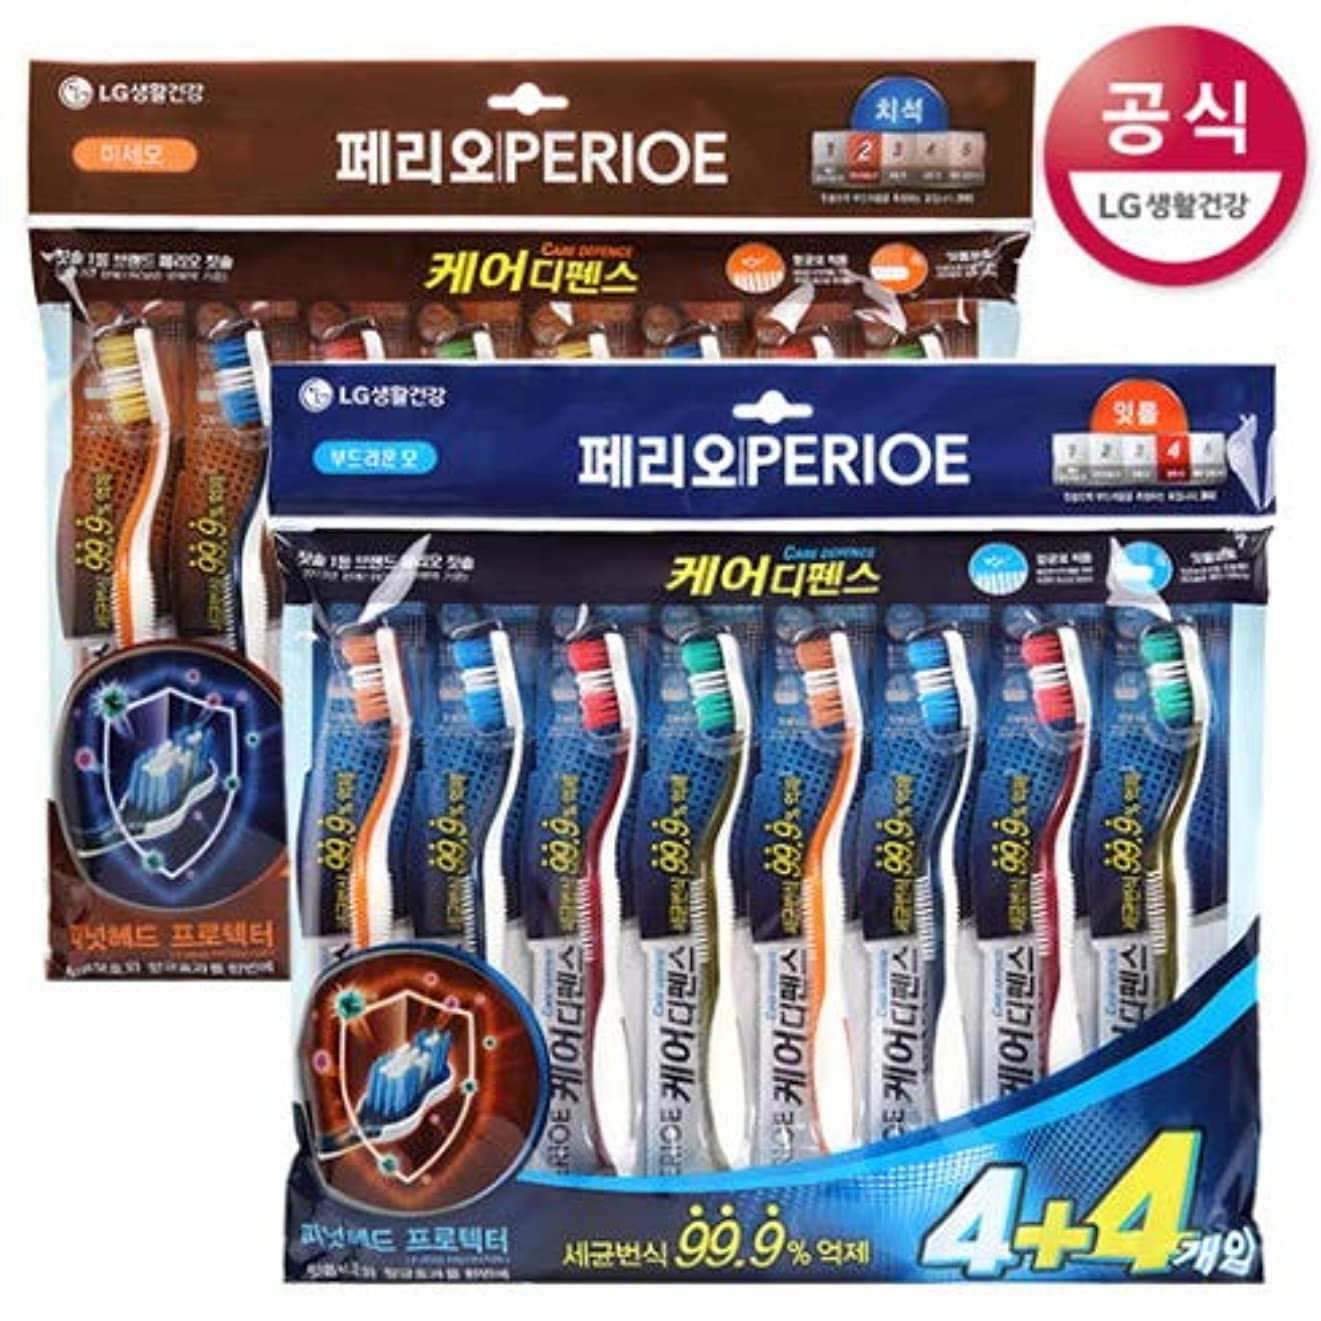 同意するハイジャックピボット[LG HnB] Perio CareDance Toothbrush/ペリオケアディフェンス歯ブラシ 8口x2個(海外直送品)